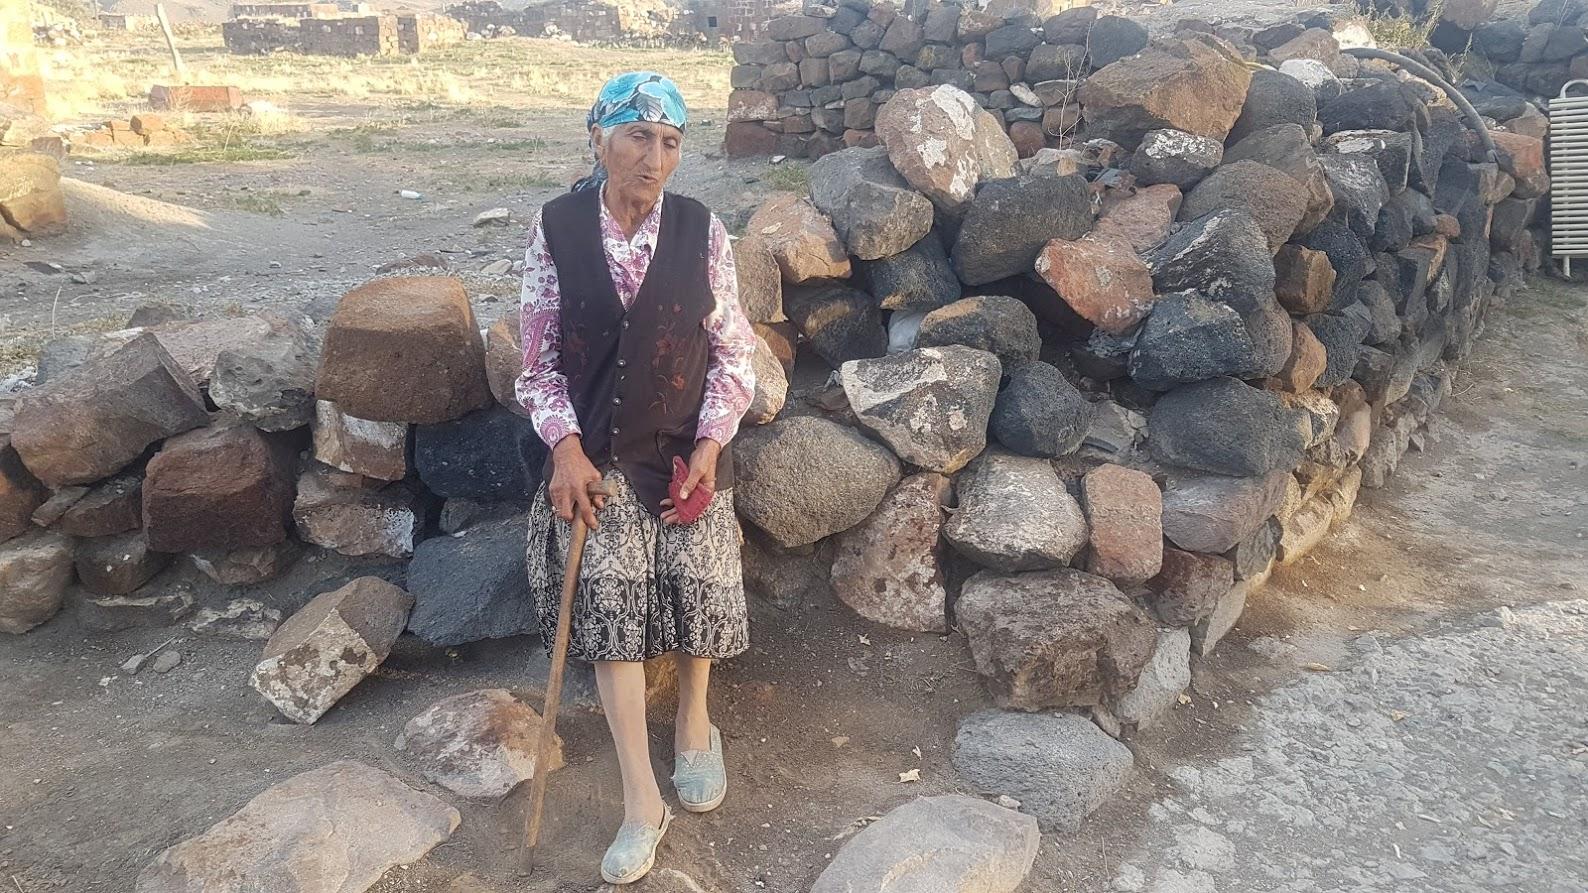 села без воды, питьевая вода, орошение,